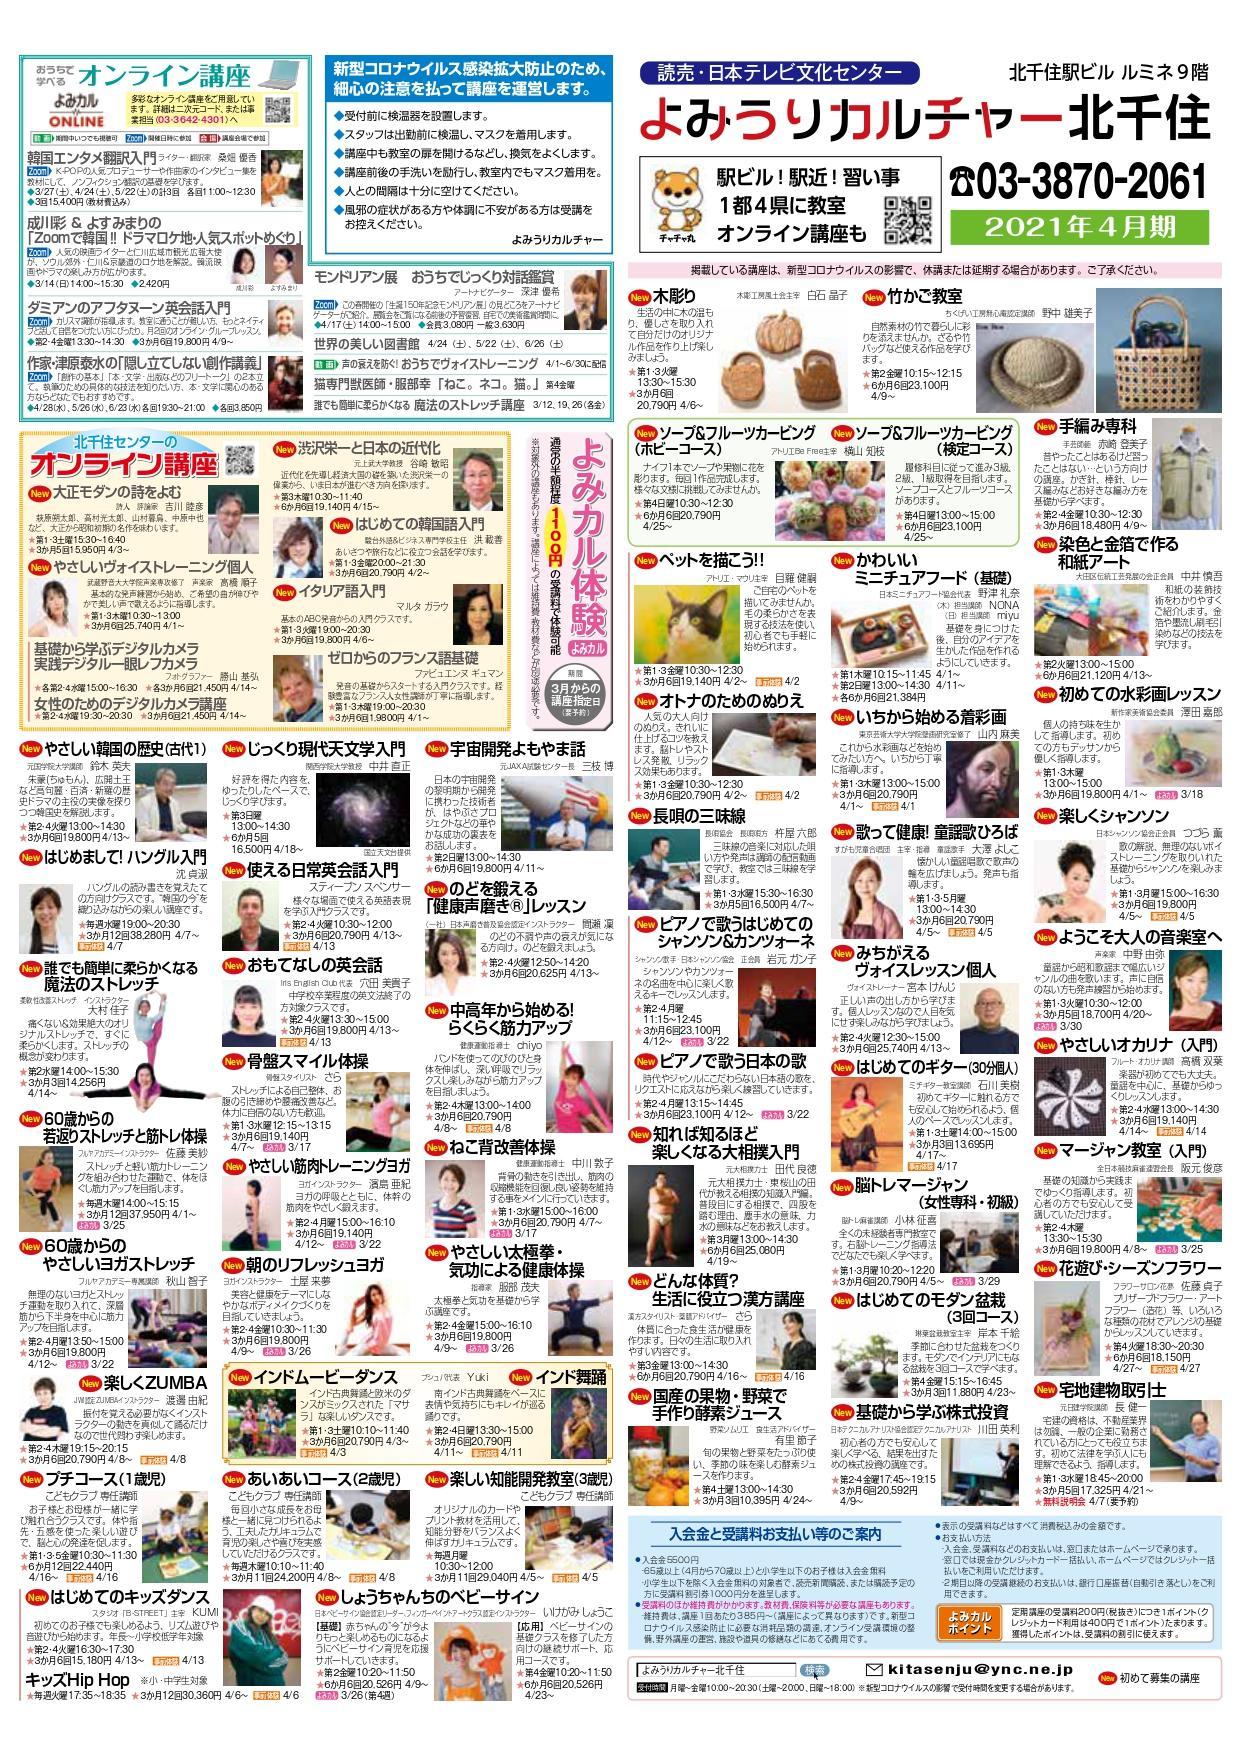 北千住2021年4月期Web用-1面_page-0001.jpg